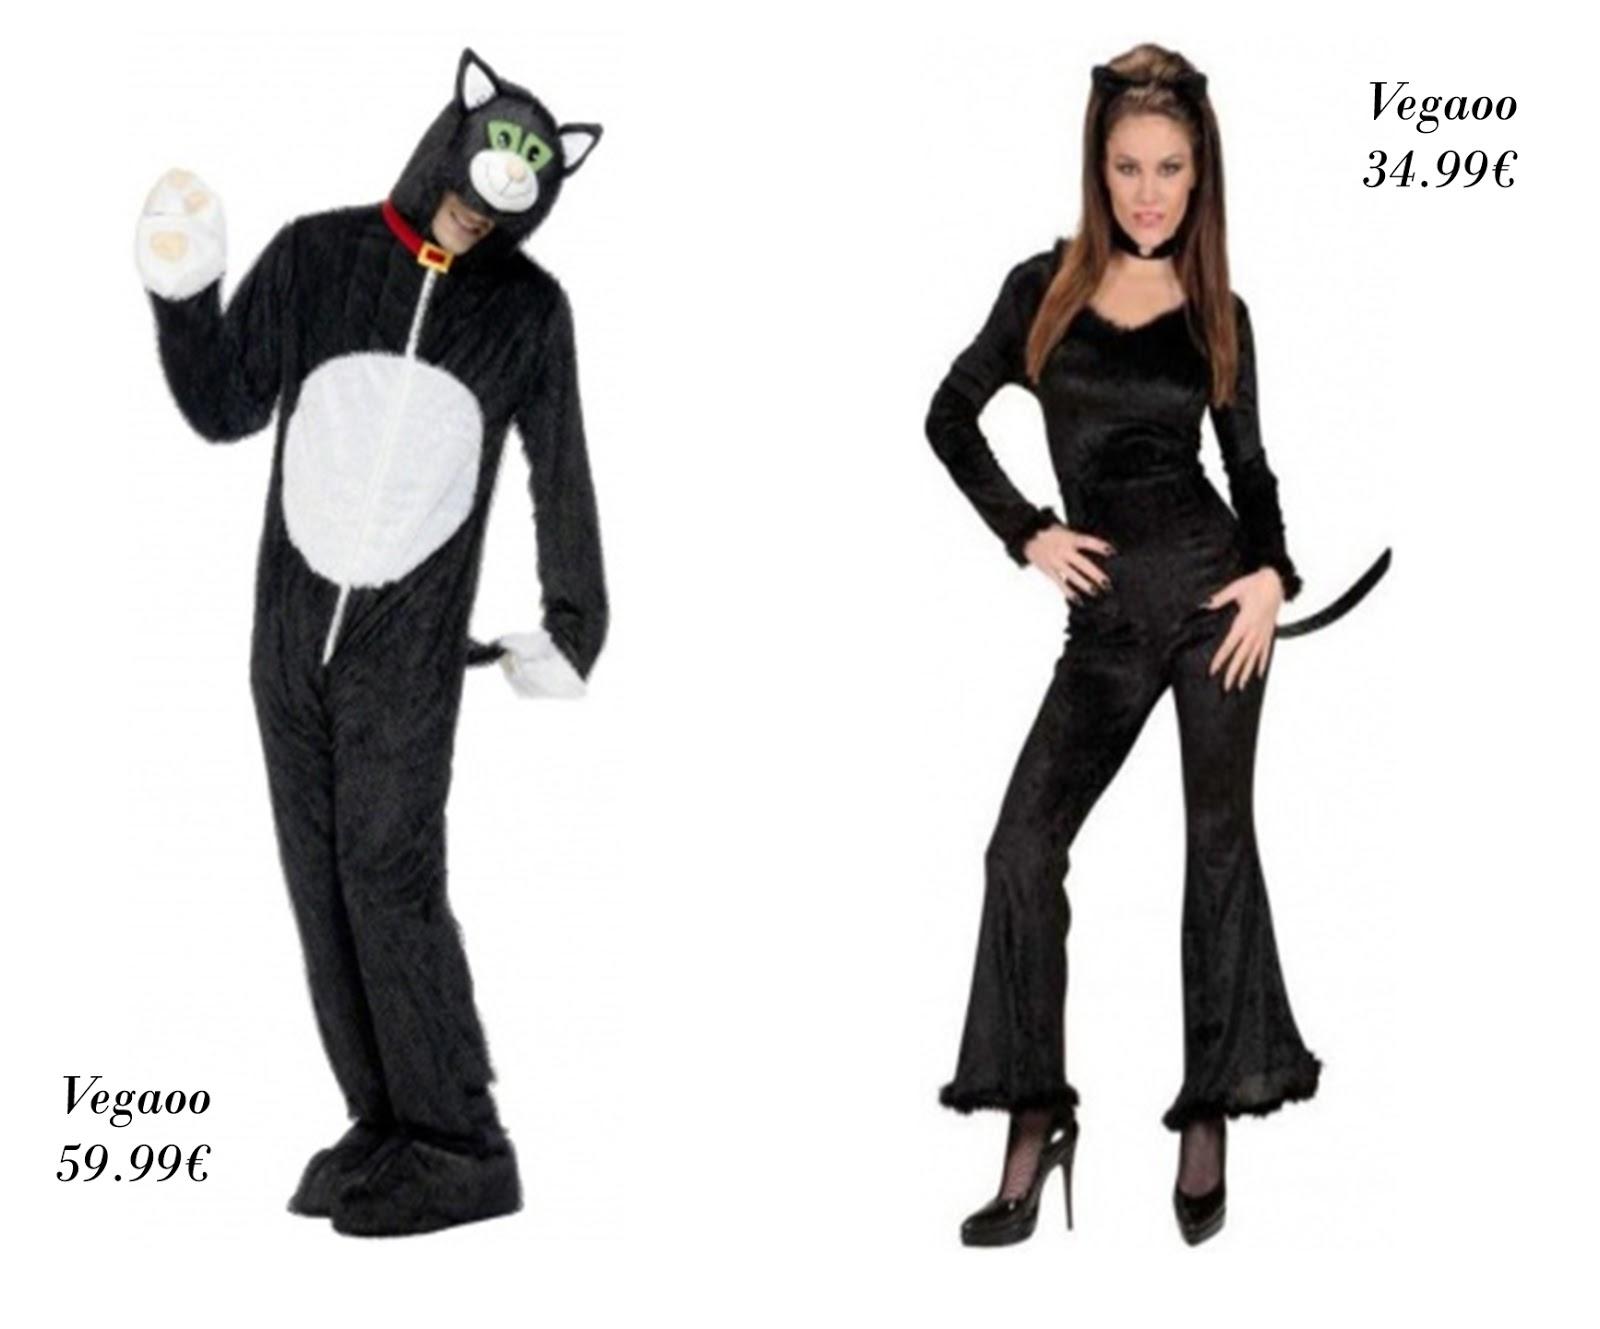 http://1.bp.blogspot.com/-pJSlJULxA-M/UIqANUTgHXI/AAAAAAAADKE/80nF2ji-_qE/s1600/Disfraz+gatos.jpg